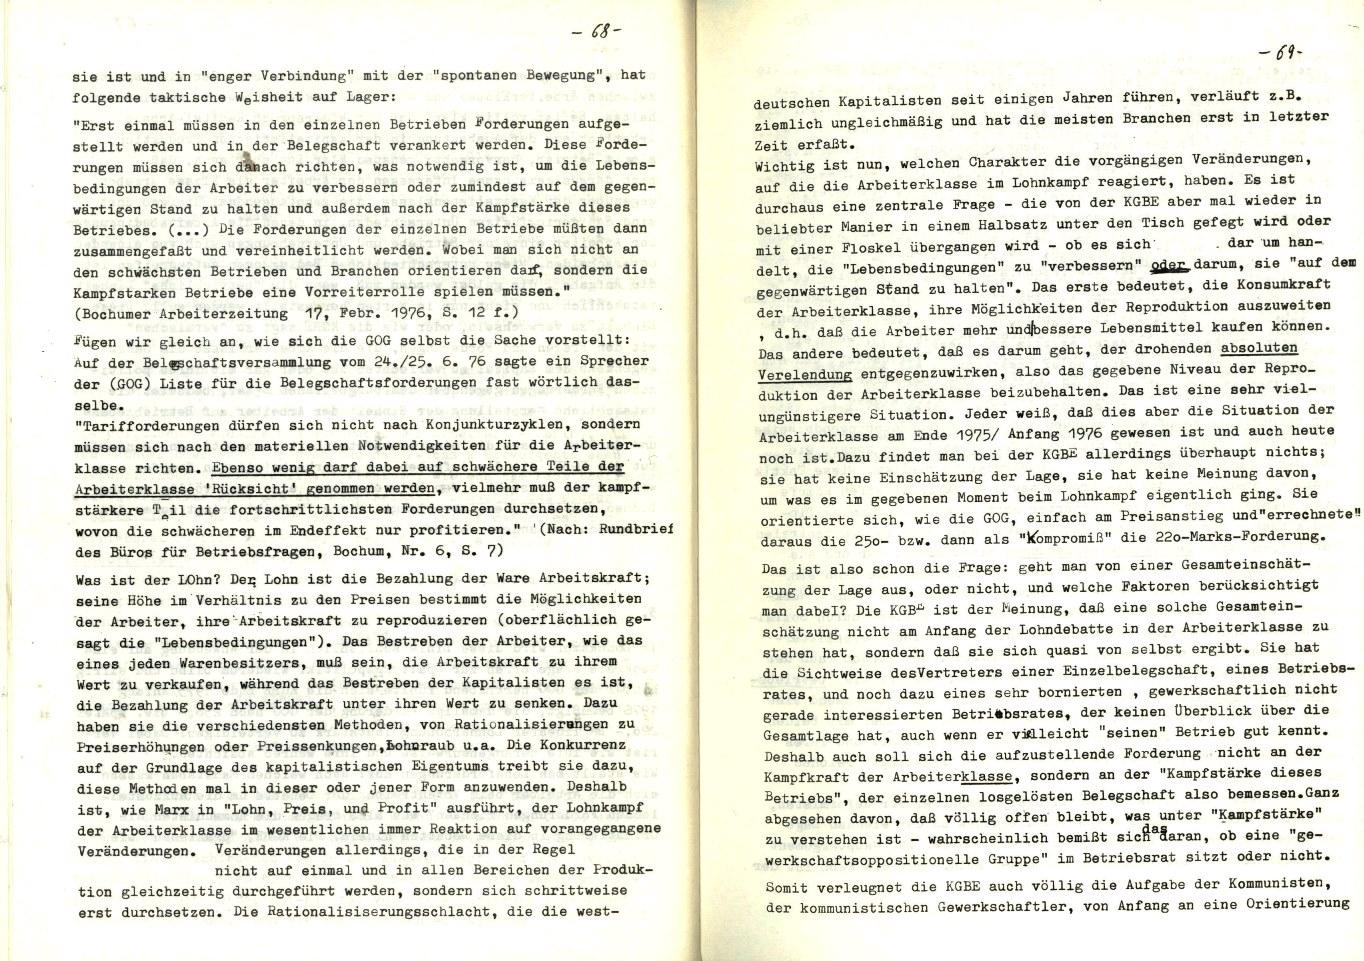 KGBE_Ehemalige_1977_Kritik_an_der_KGBE_38